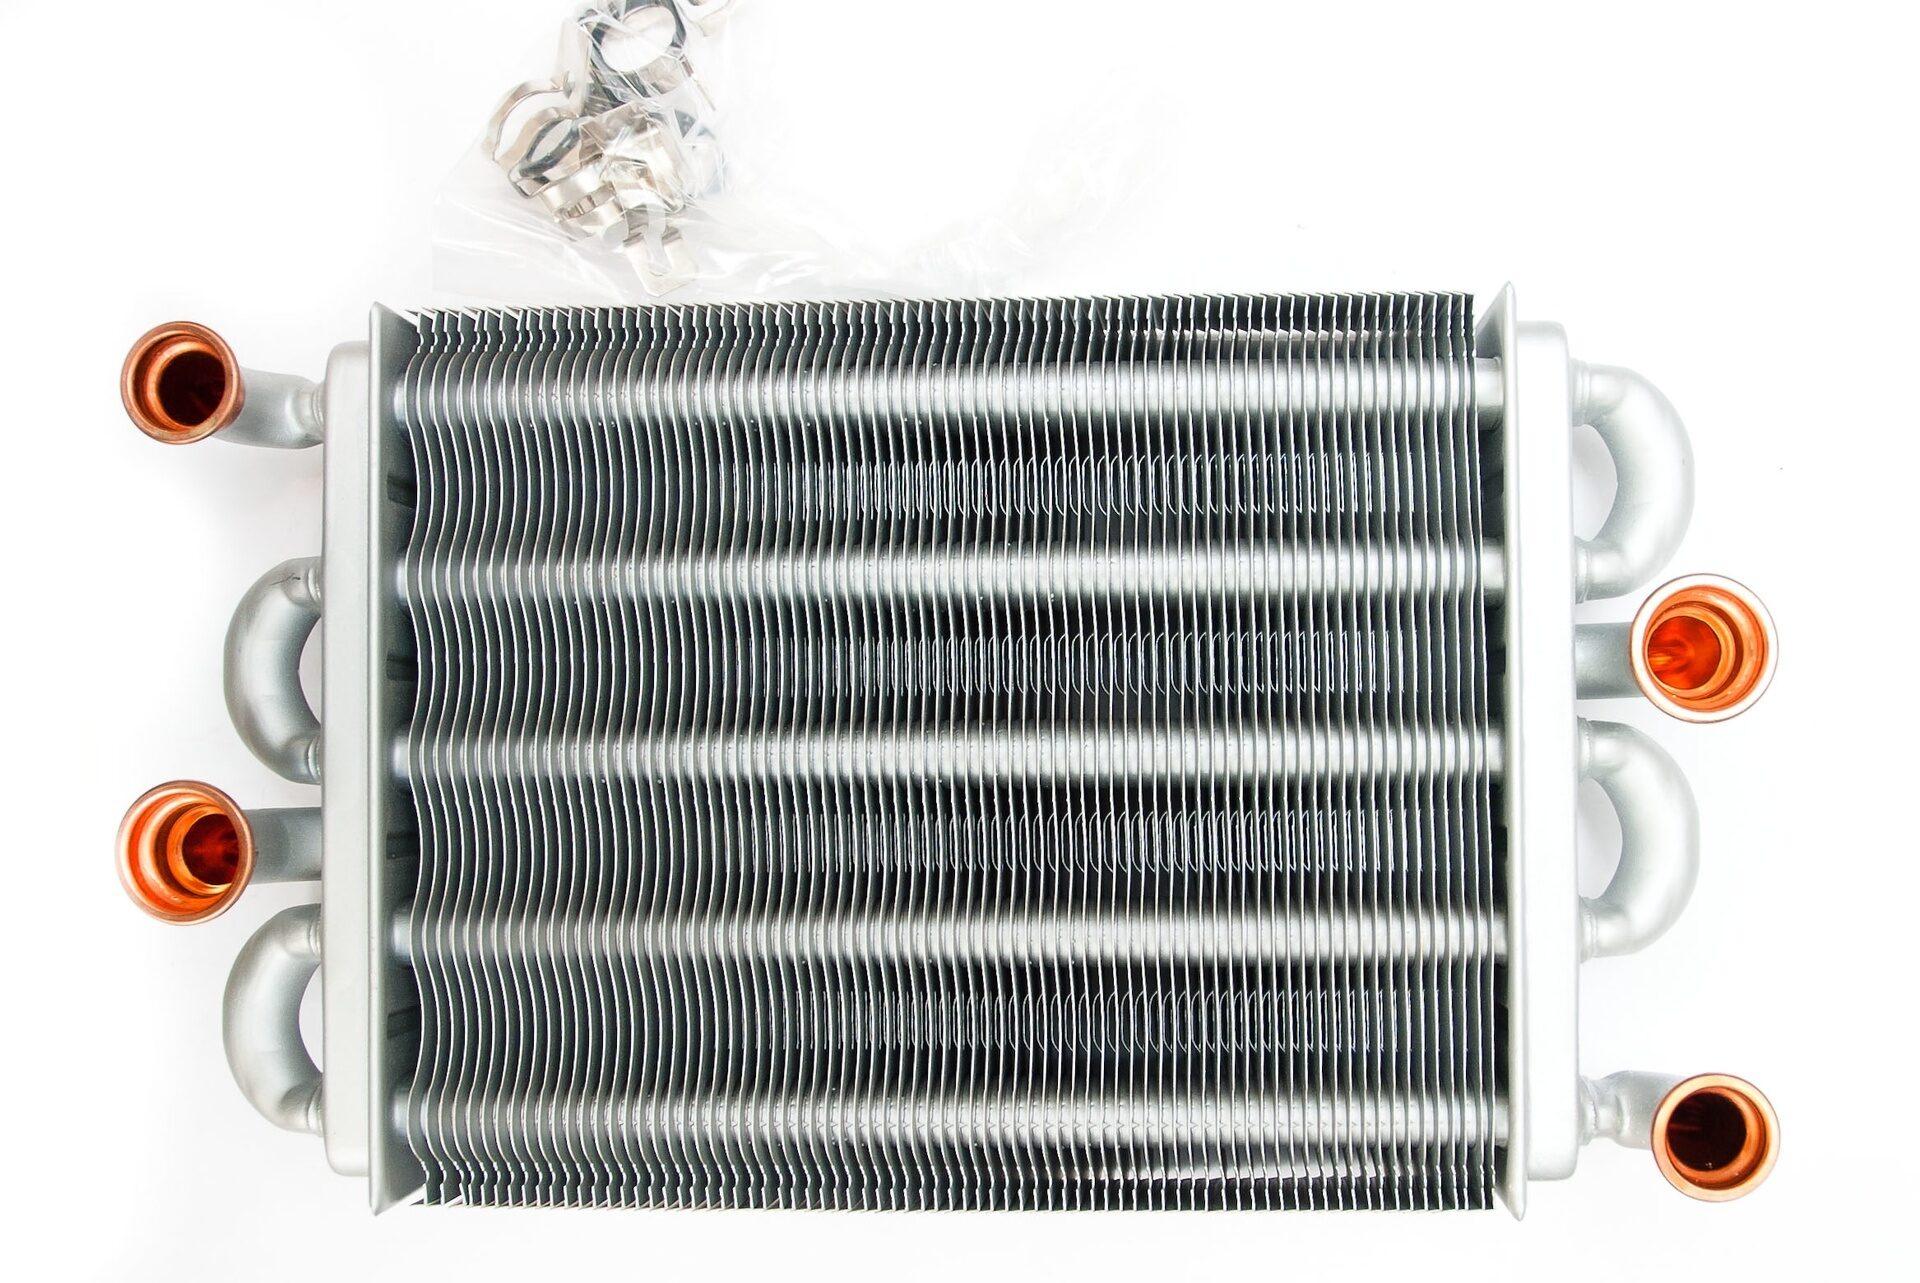 Недостатки битермического теплообменника устройство теплообменника ямз 7511.11